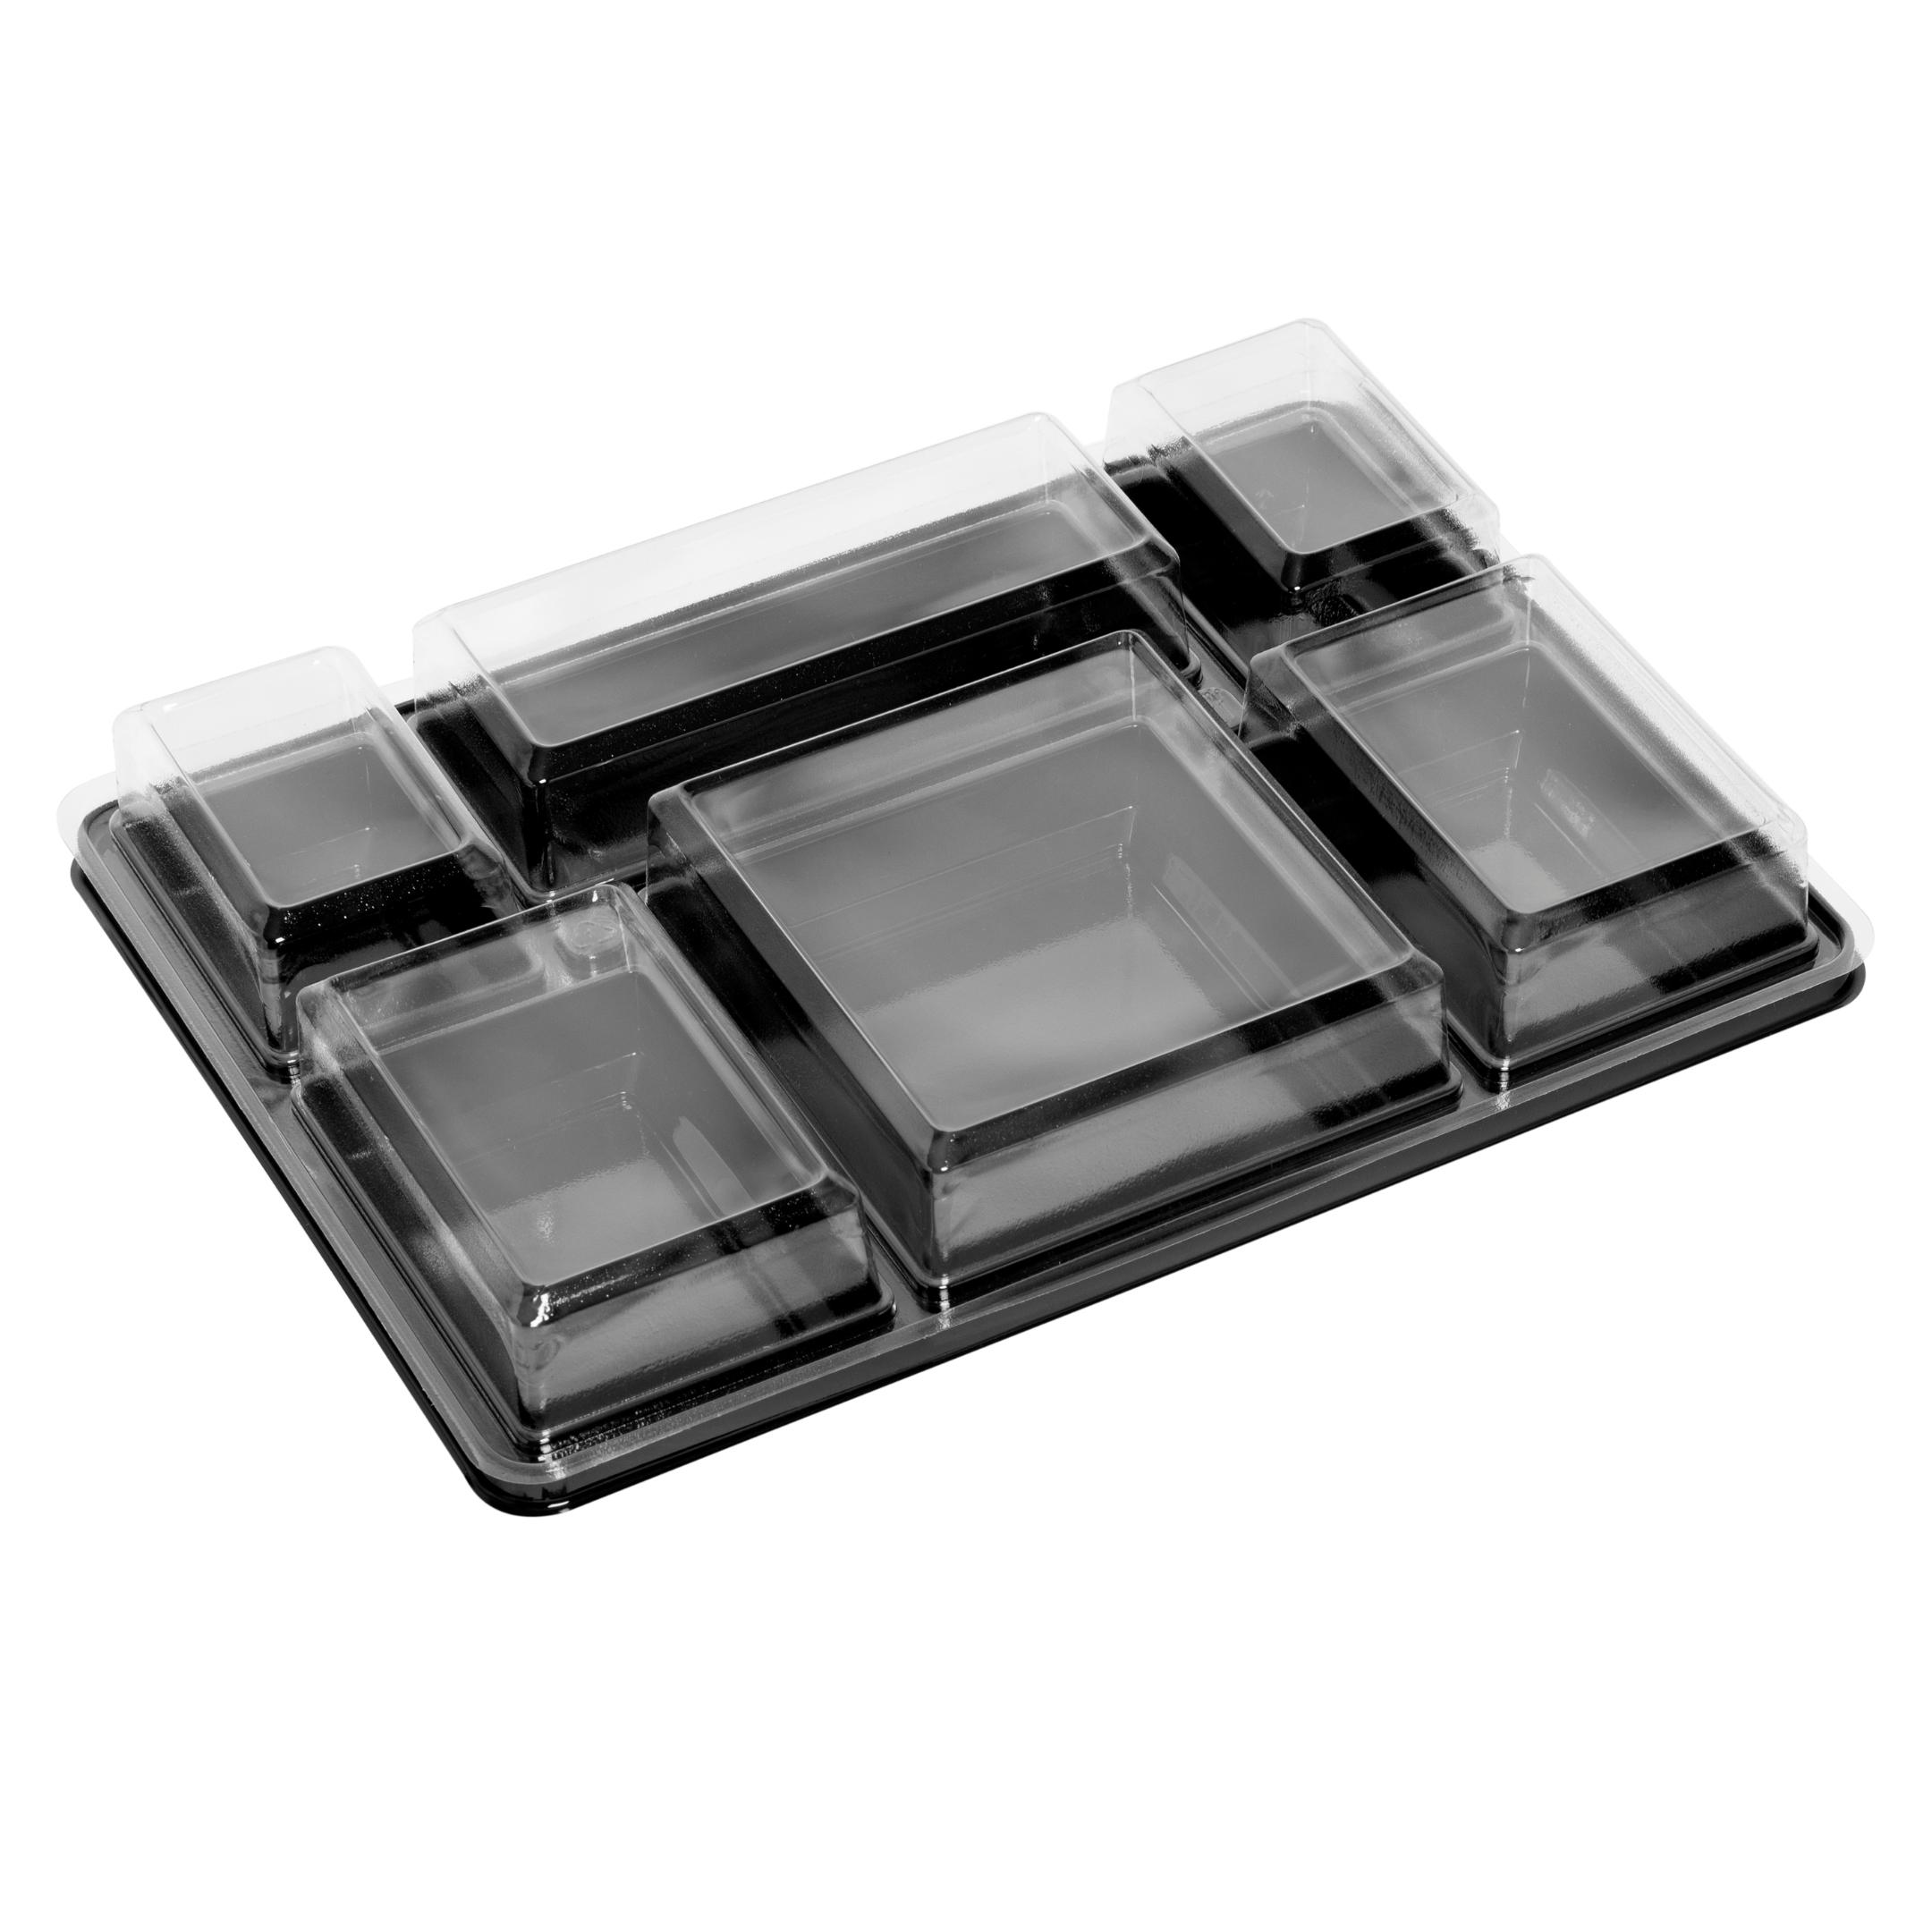 Plateau-repas en plastique recyclable 6 compartiments 380x274x60 mm vendus par 100